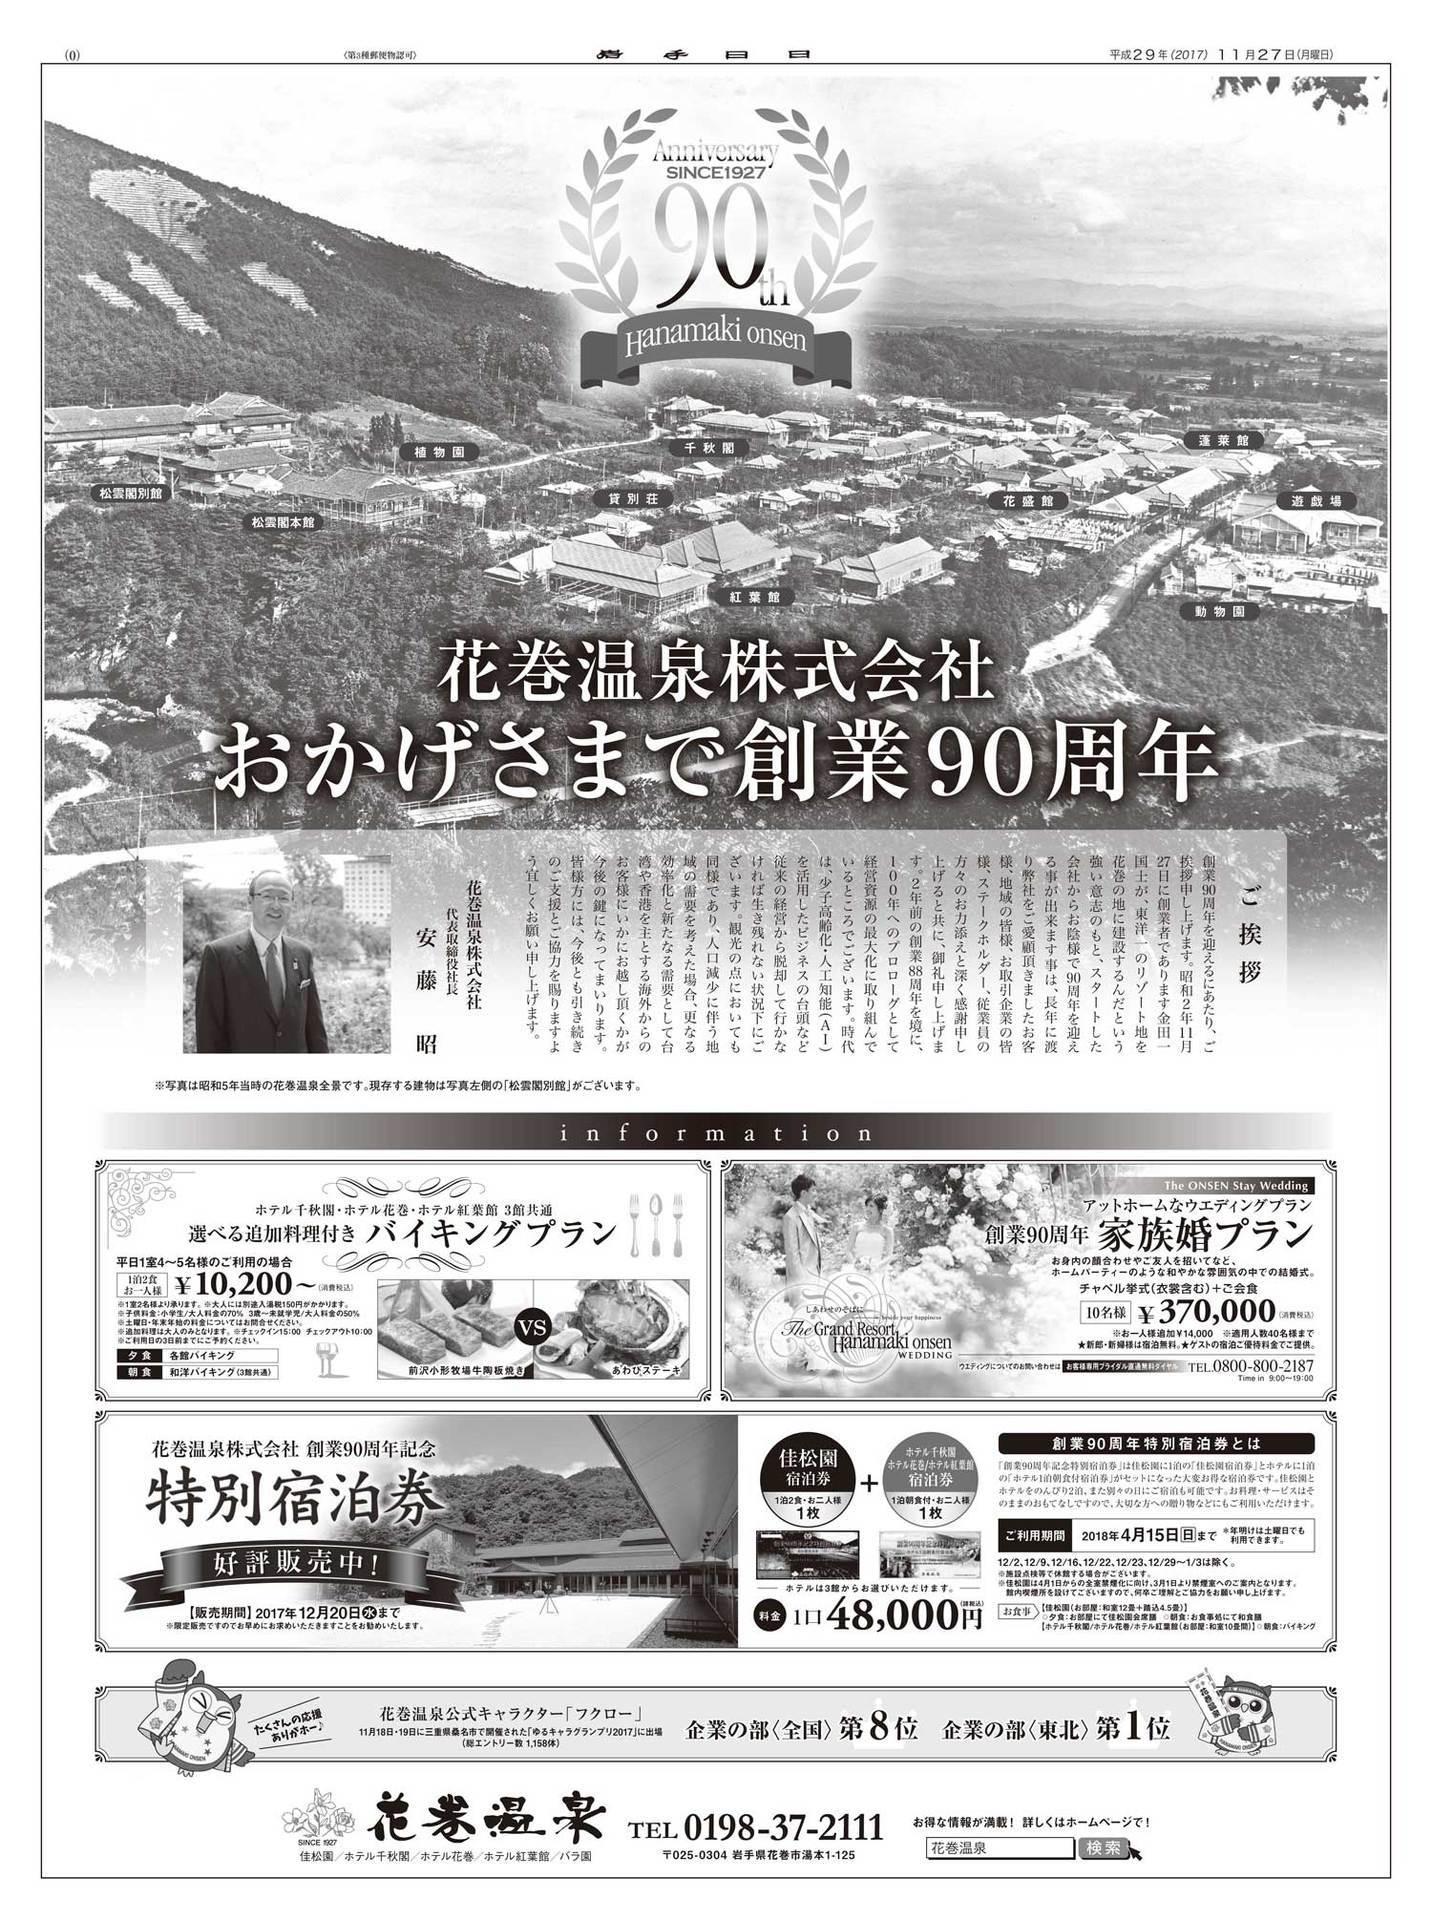 20171127_hanamakionsen.jpg